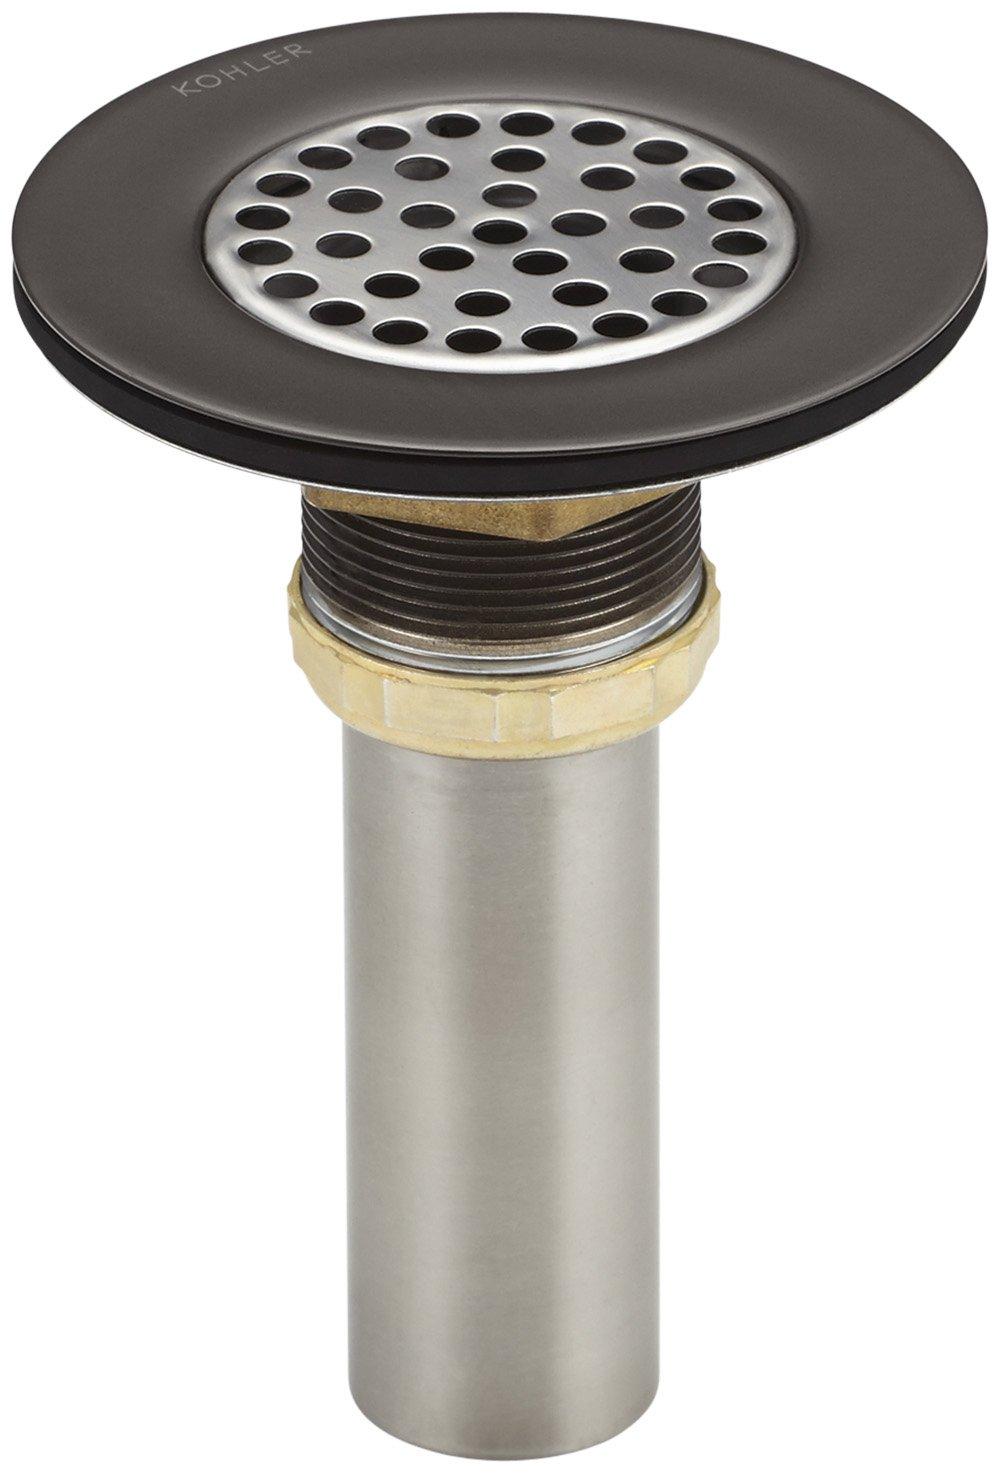 KOHLER K 8807 2BZ Brass Sink Strainer with Tailpiece